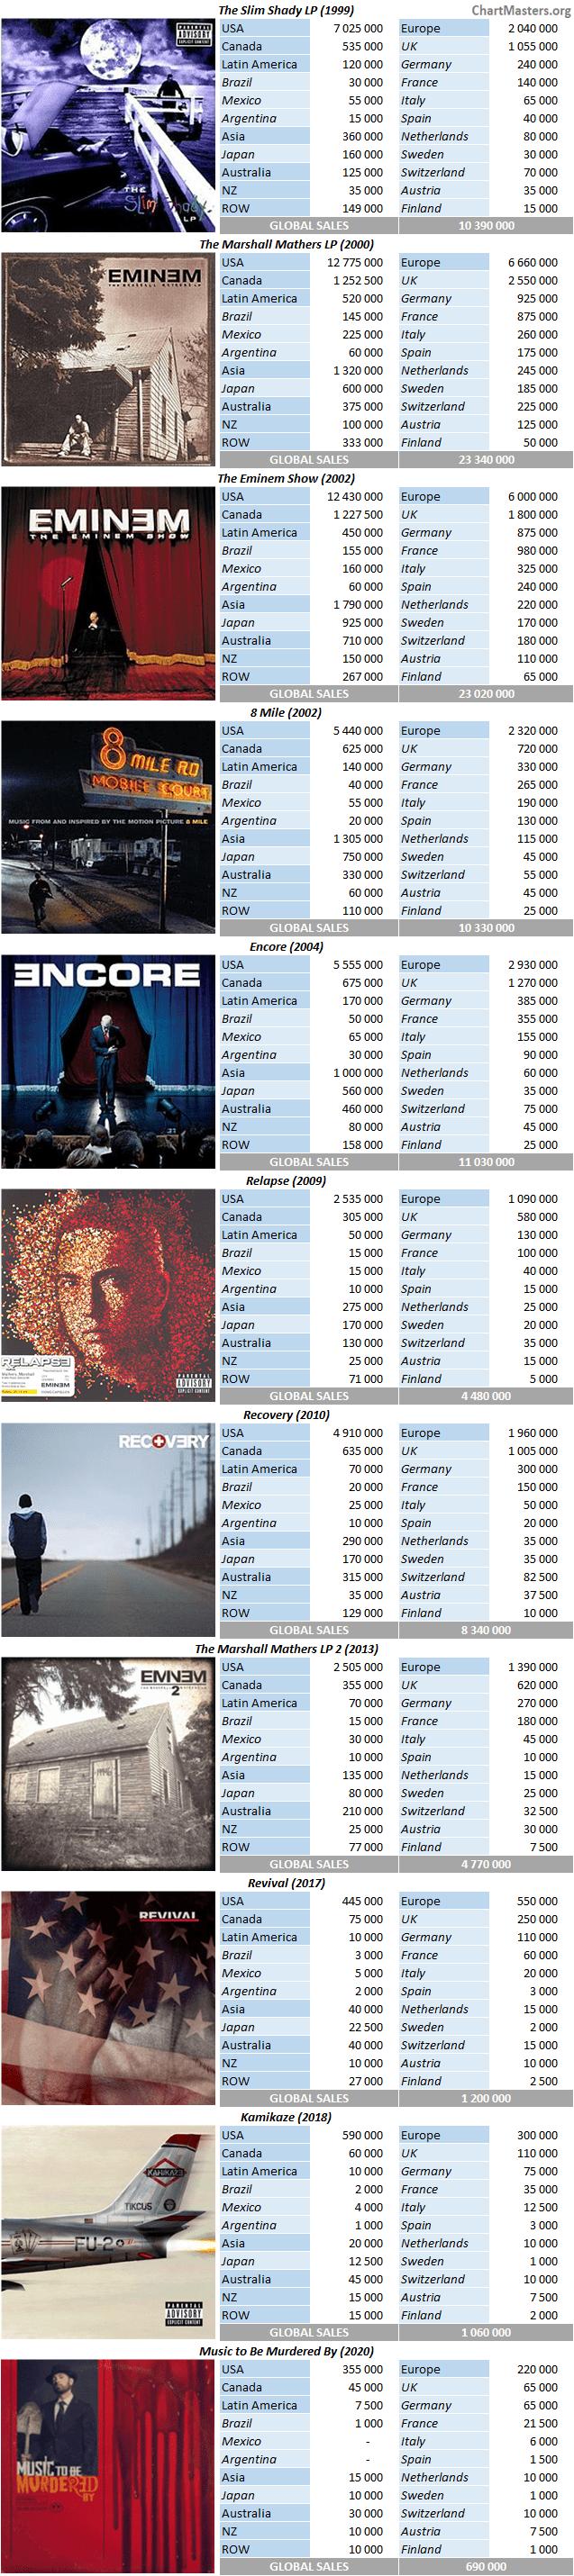 CSPC 2021 Eminem album sales breakdowns